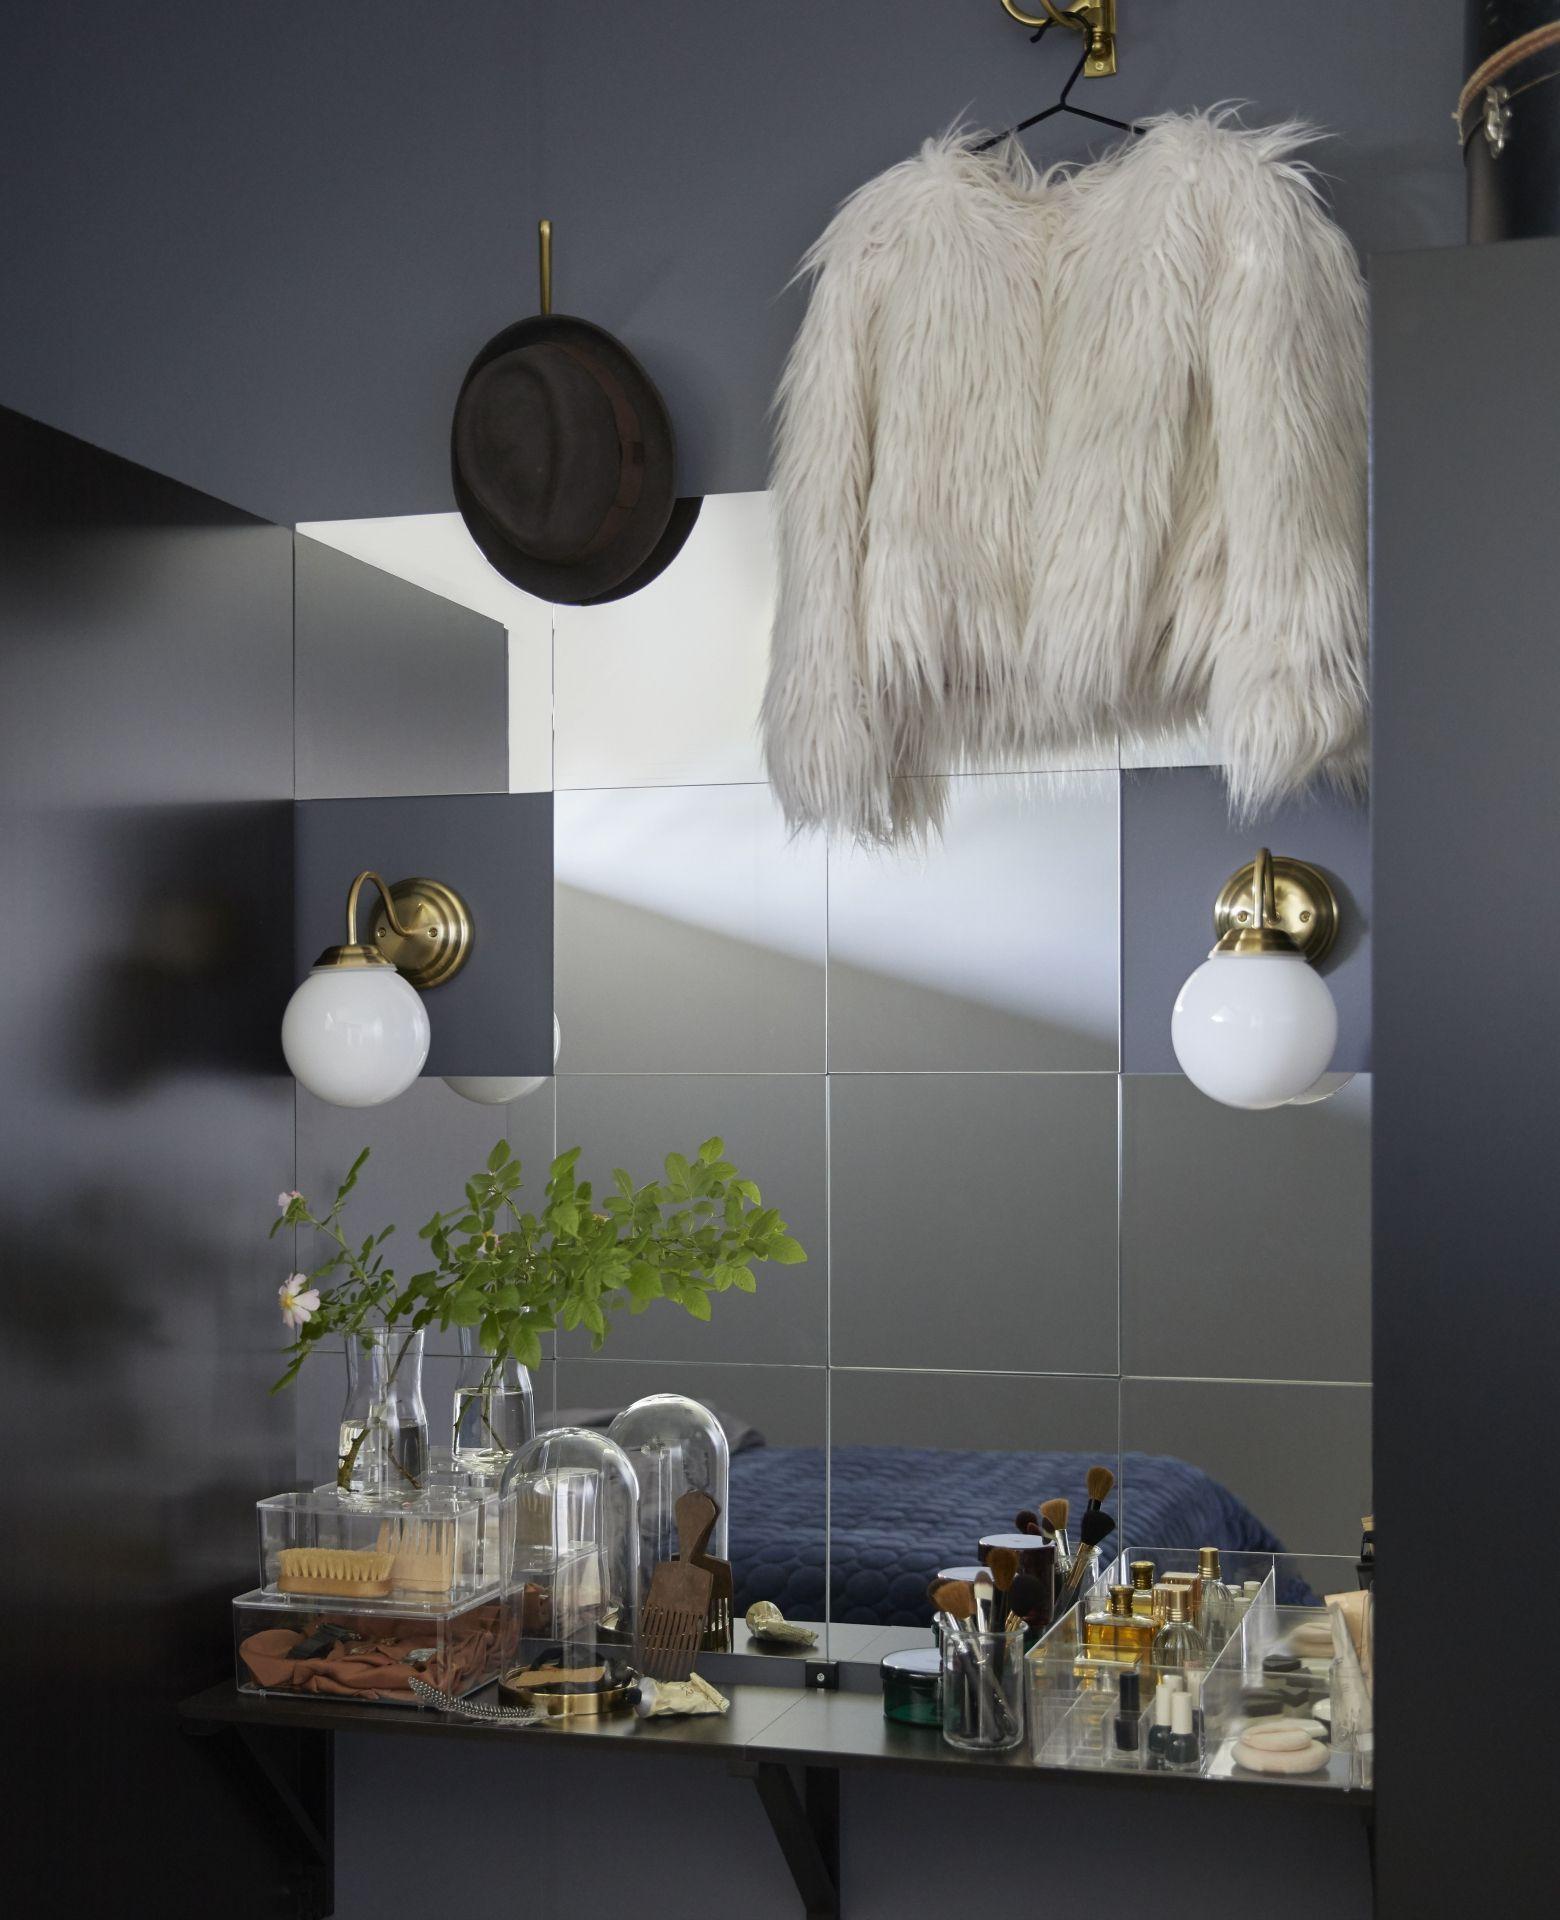 LOTS Spiegel IKEA Deutschland in 8  Spiegel ikea, Wohnzimmer